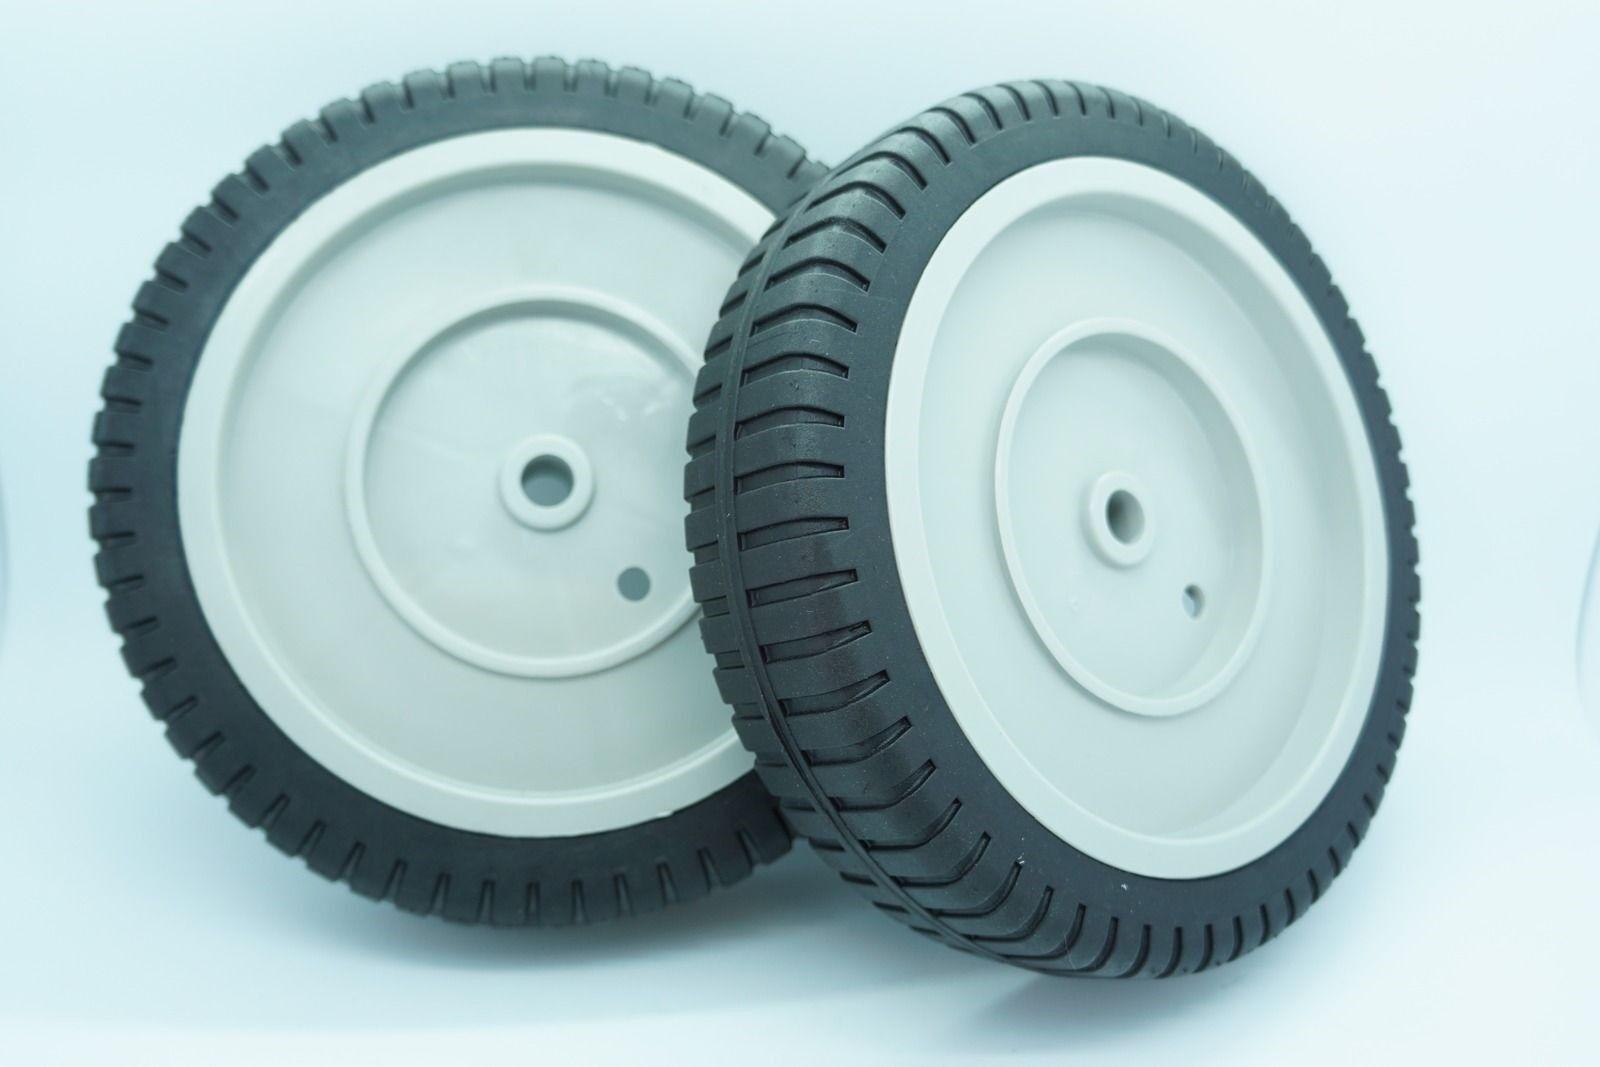 Oem genuino MTD parte   634-0020 conjunto de ruedas con neumáticos de 8  x 1,75  (cantidad. 2)